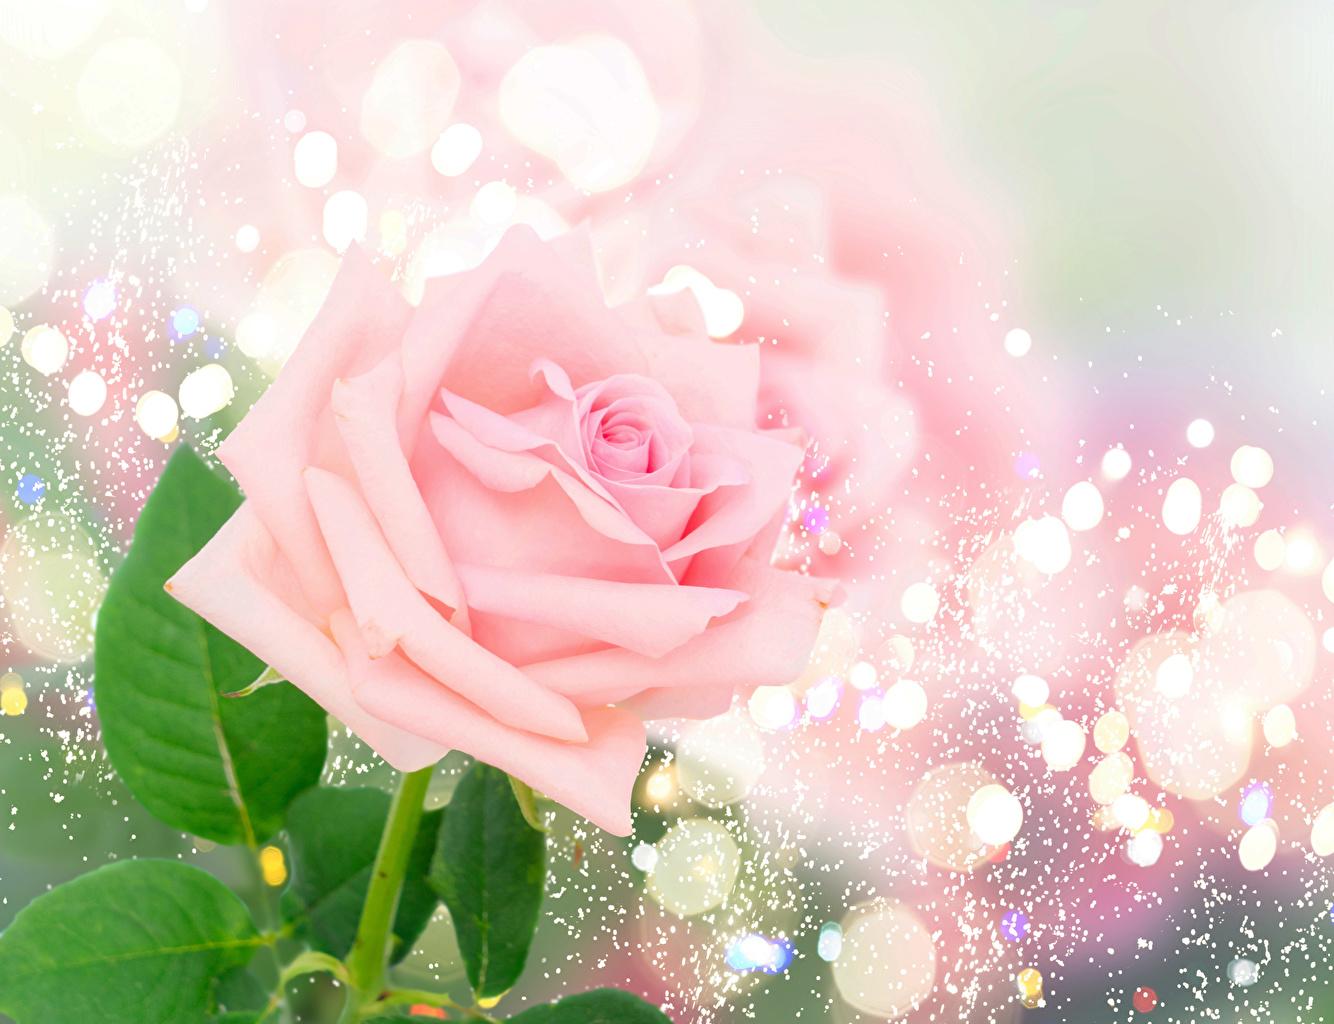 Фотографии роза Розовый цветок вблизи Розы розовых розовая розовые Цветы Крупным планом